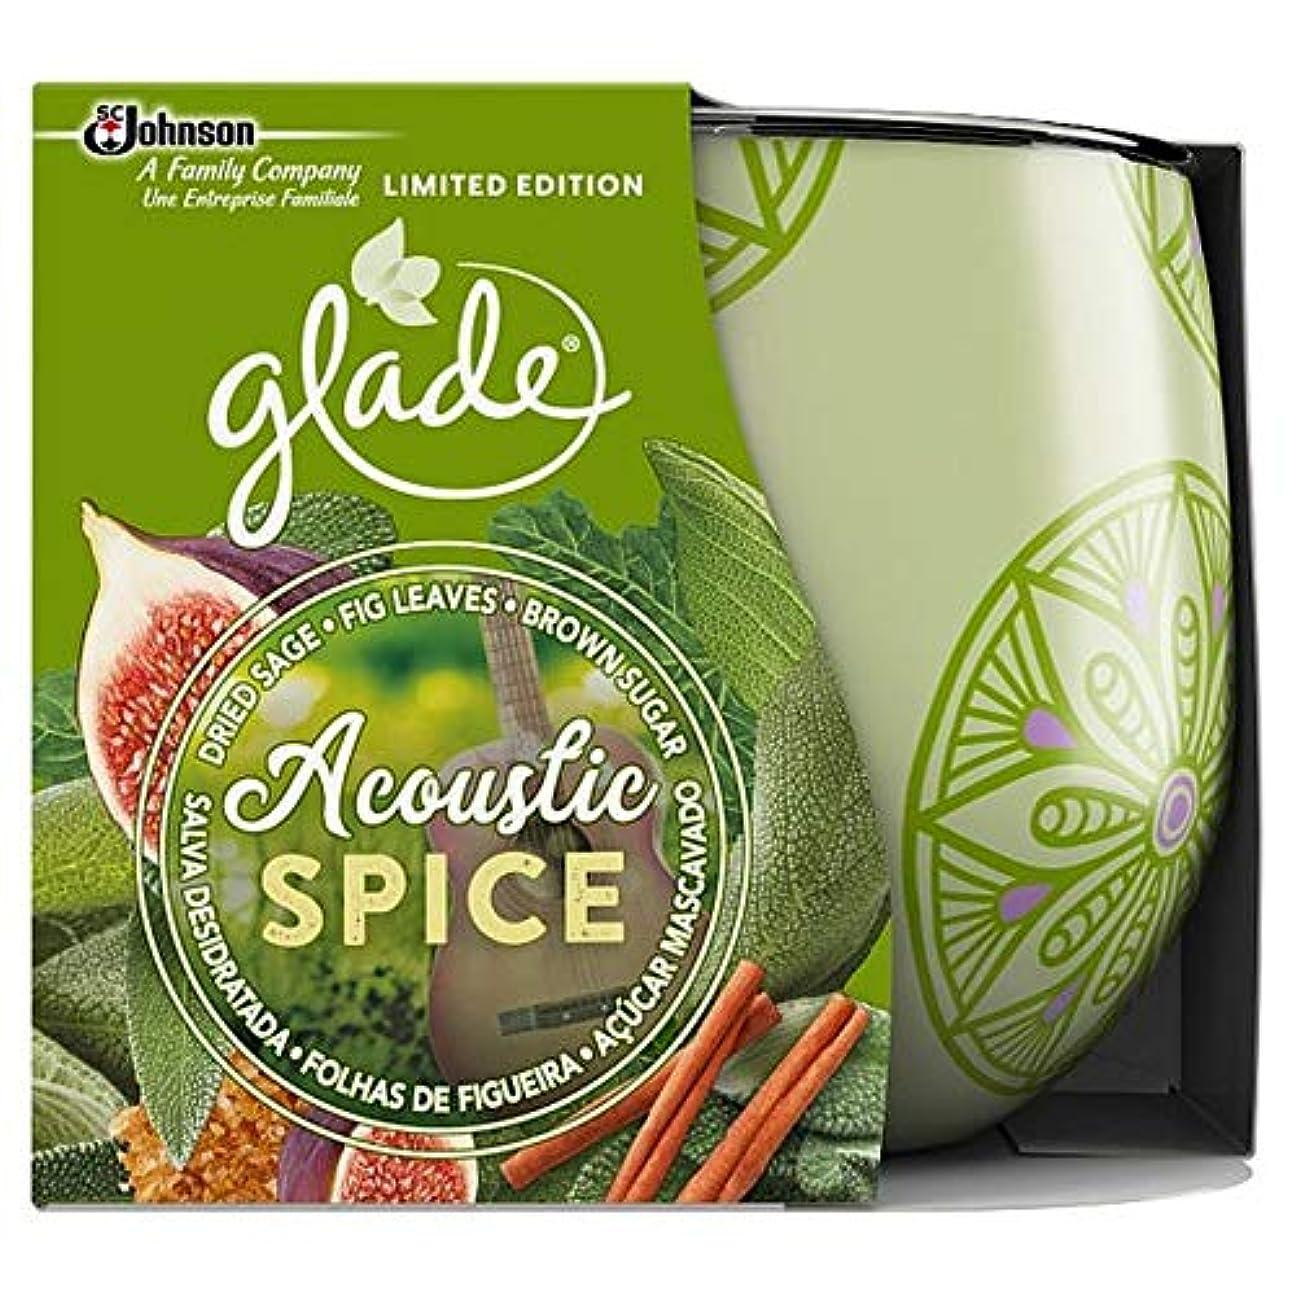 本質的ではないより良いだらしない[Glade ] 音響スパイスキャンドル120グラムを空き地 - Glade Acoustic Spice Candle 120G [並行輸入品]